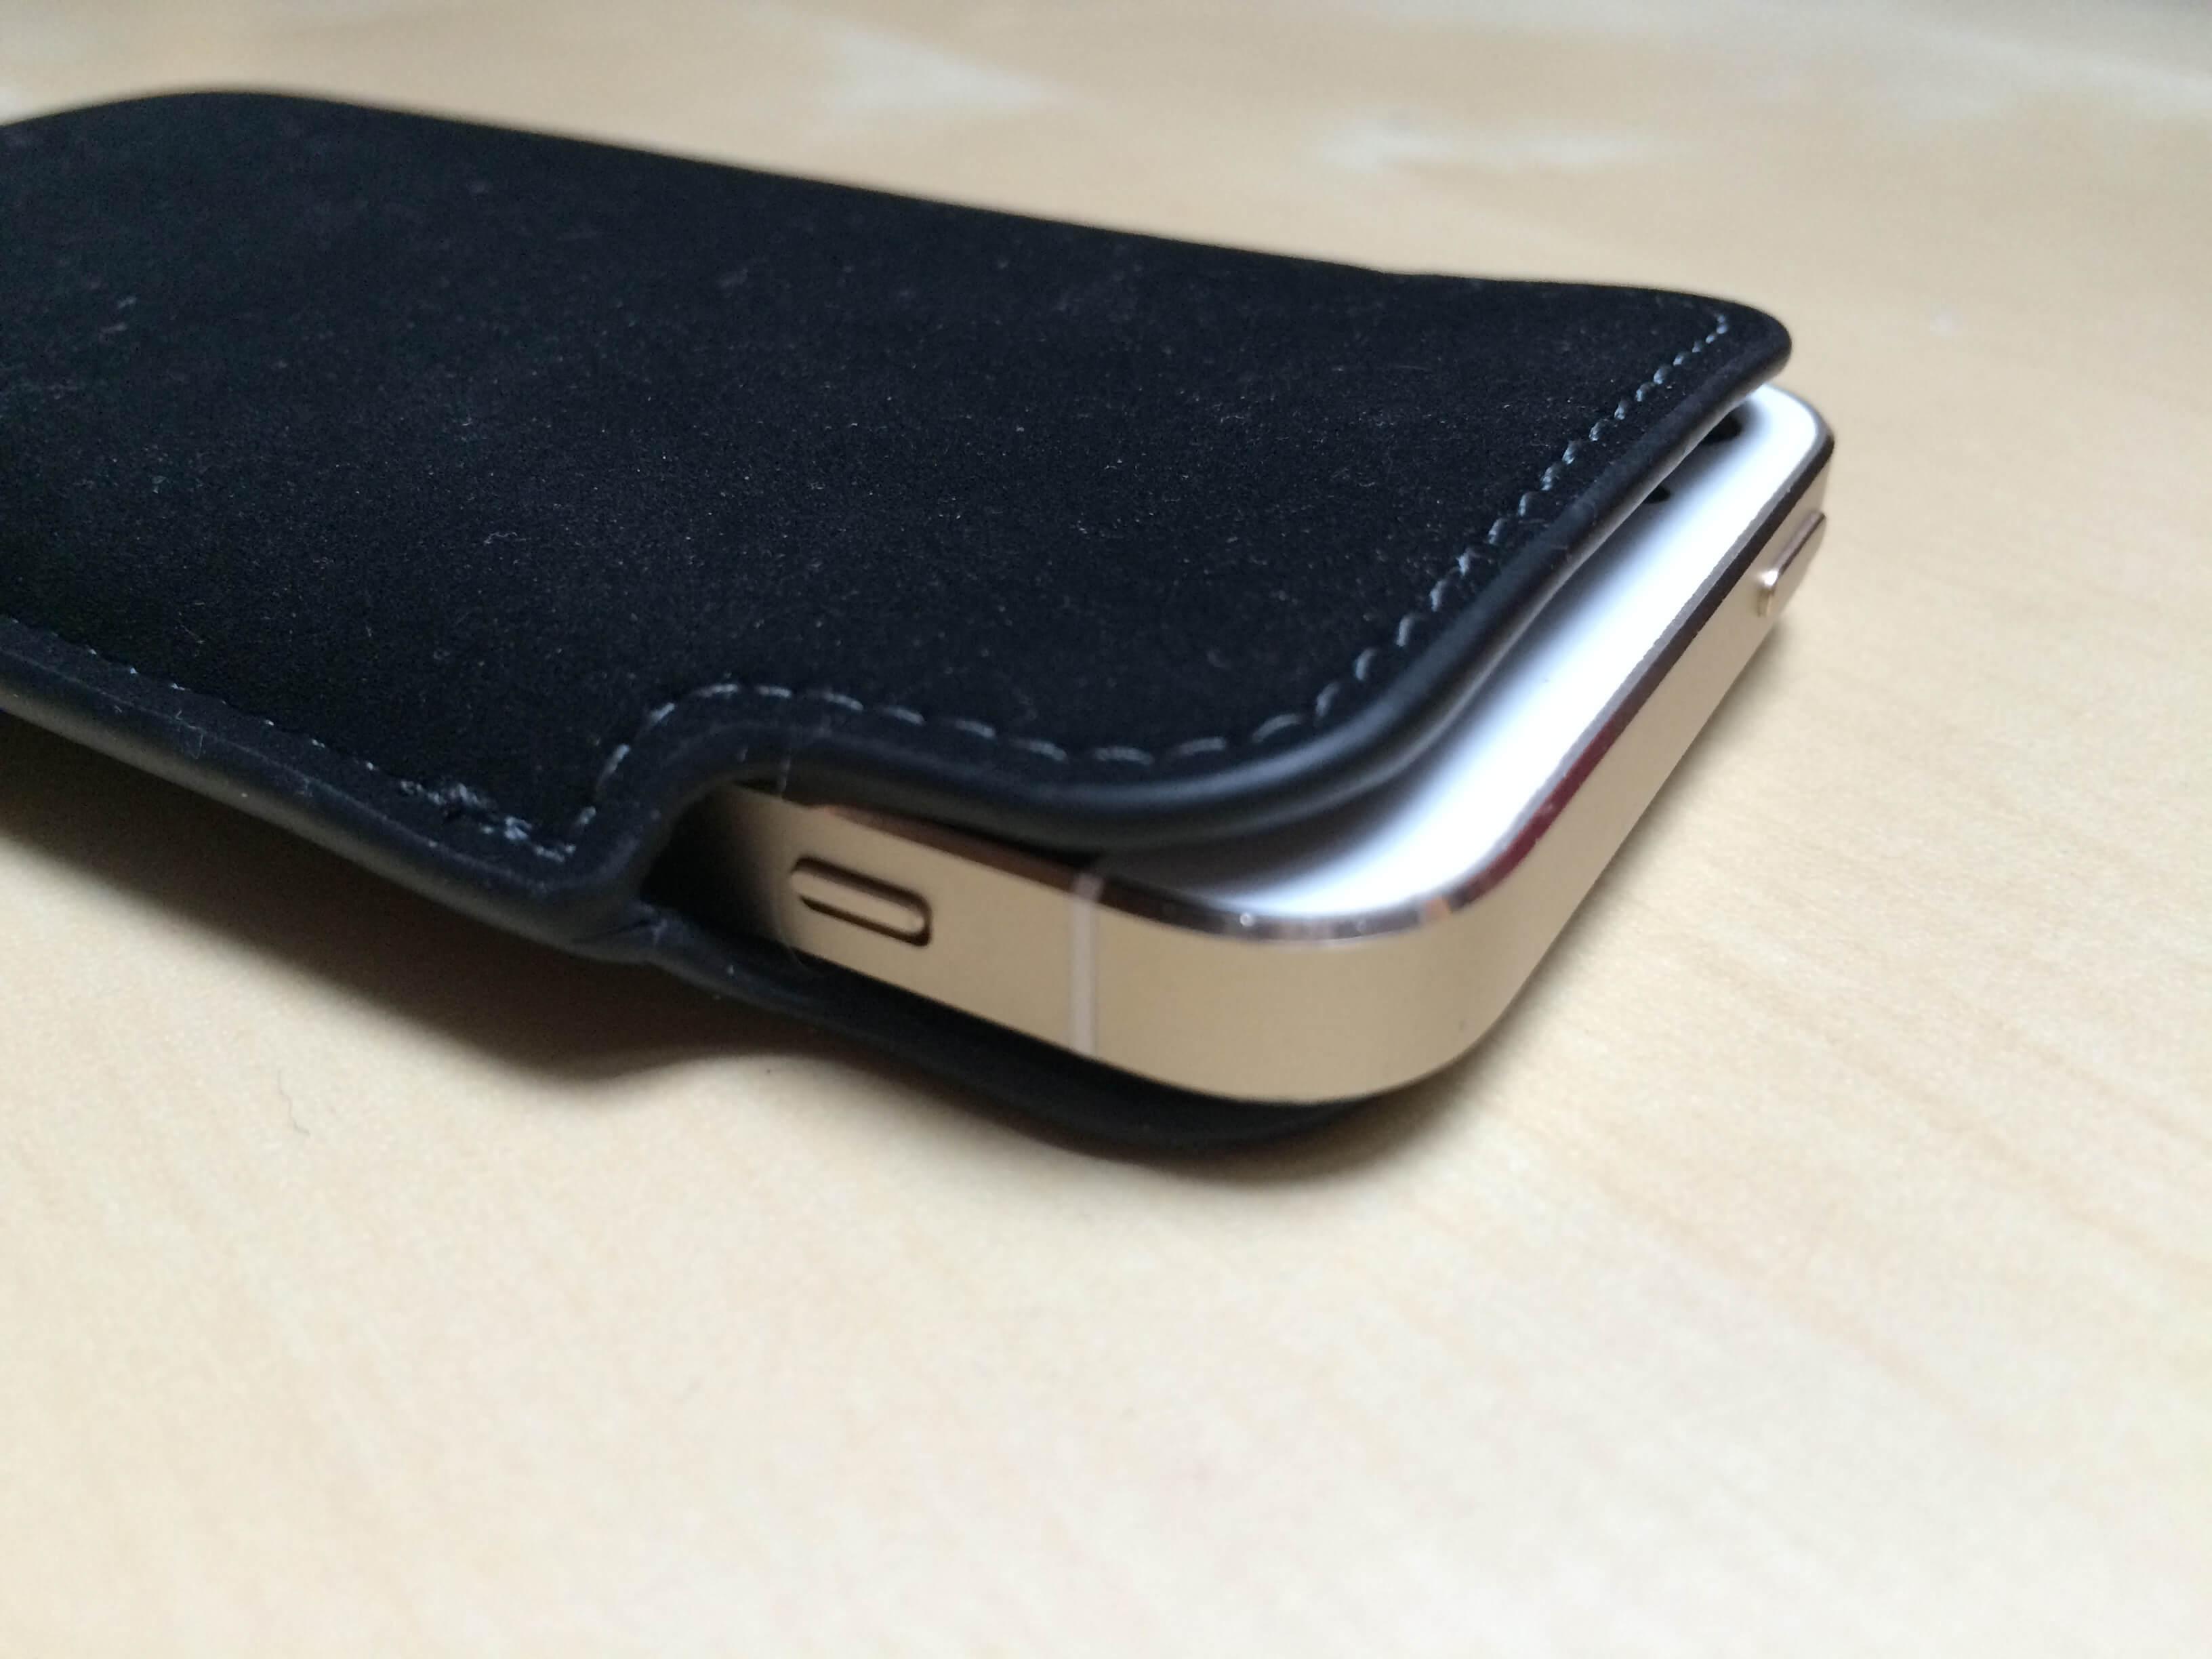 STINNS Velouté Series Designer Case für das iPhone im Test 1